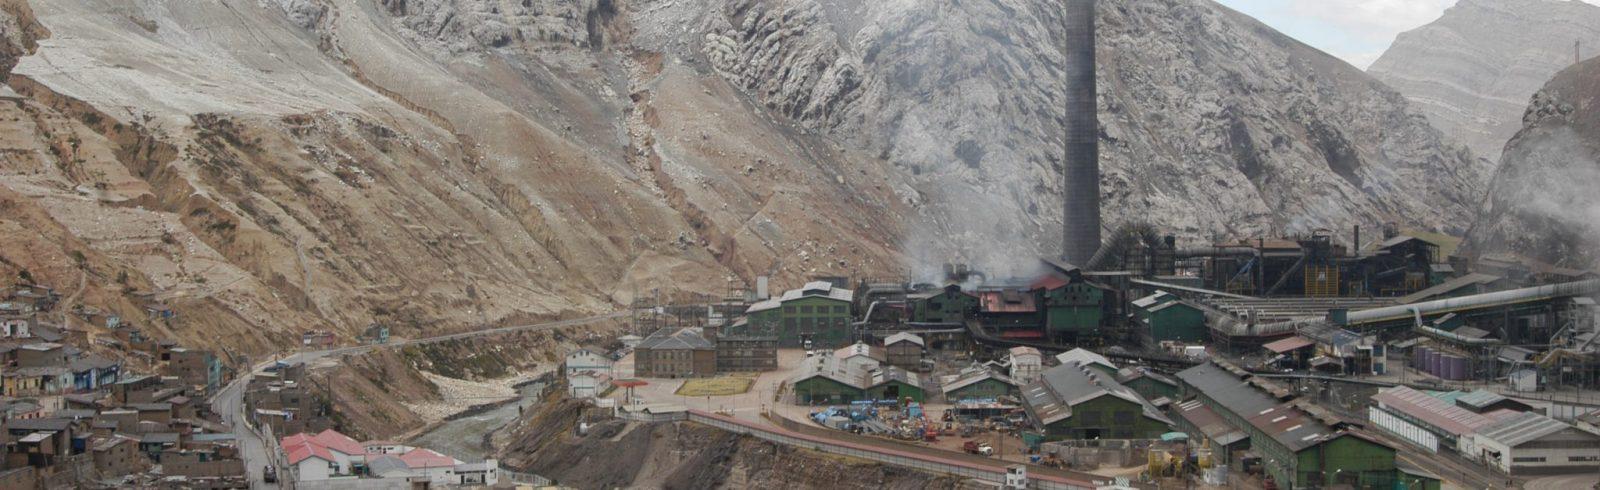 La Oroya Peru Lead Contamination